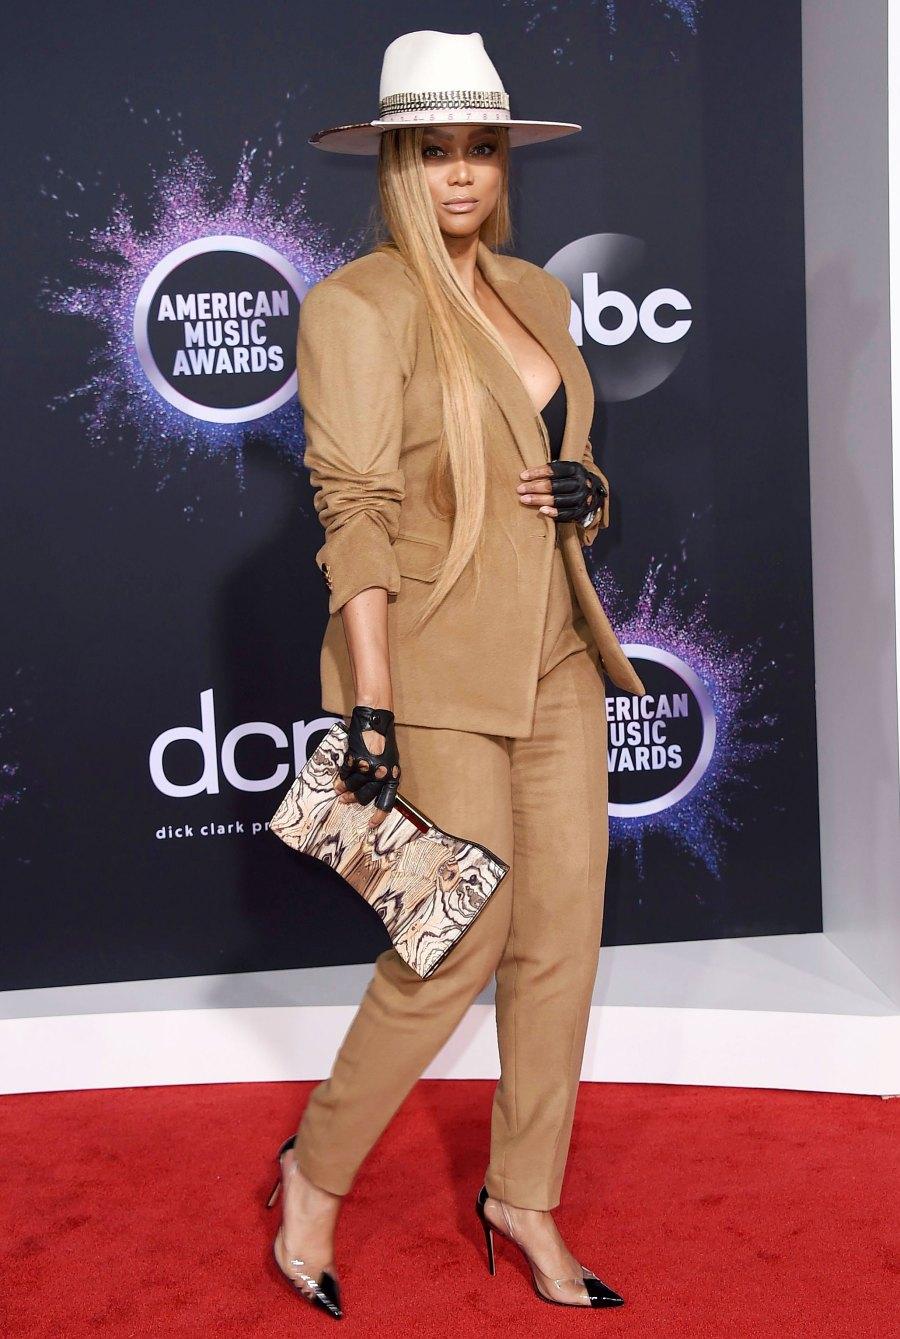 Wackiest AMAs 2019 Looks - Tyra Banks